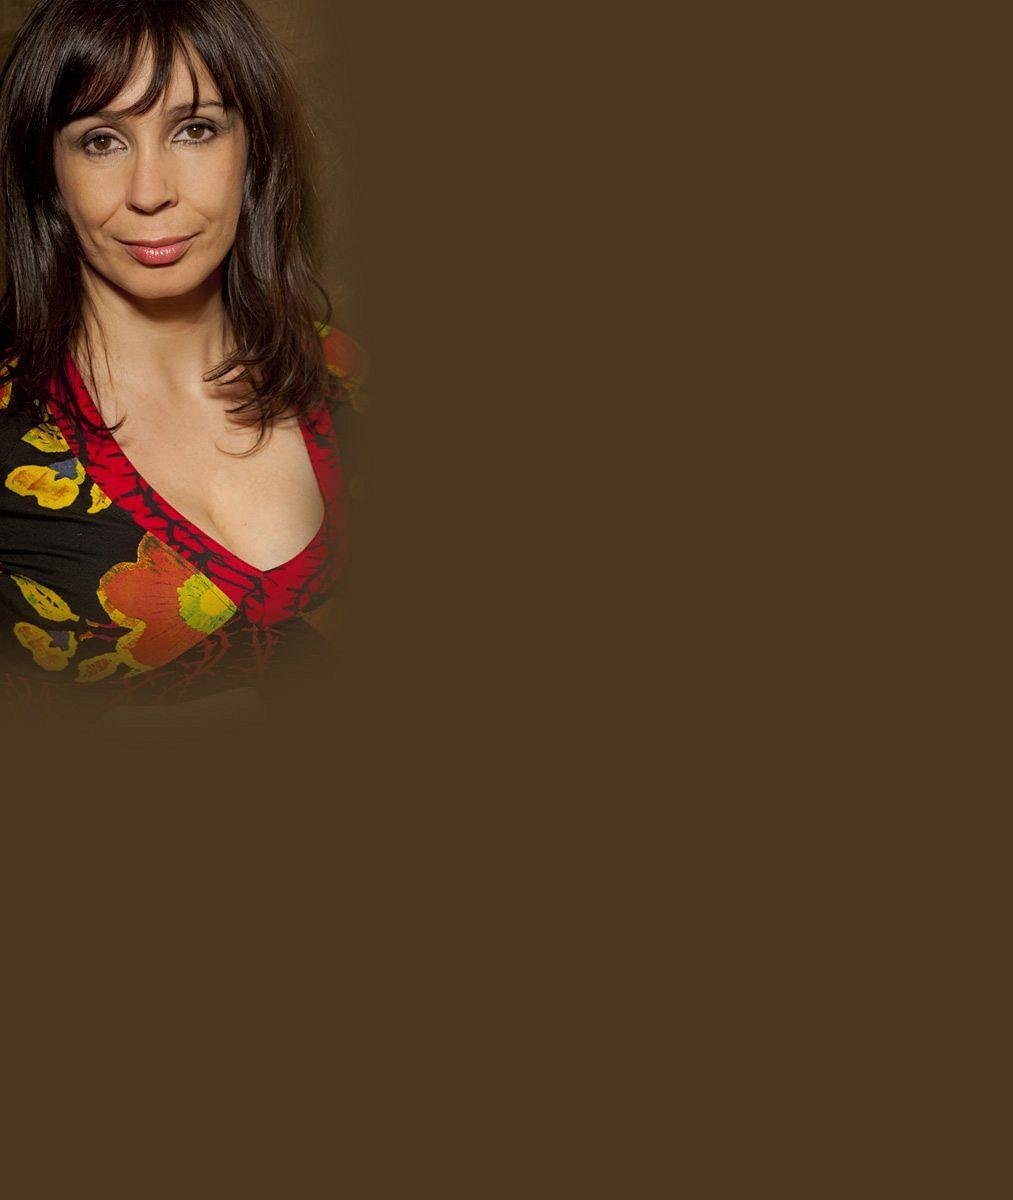 Hvězda Doktorů z Počátků, jak ji neznáte: Podívejte se, jak oblíbená herečka vypadá neučesaná a bez nánosů líčidel